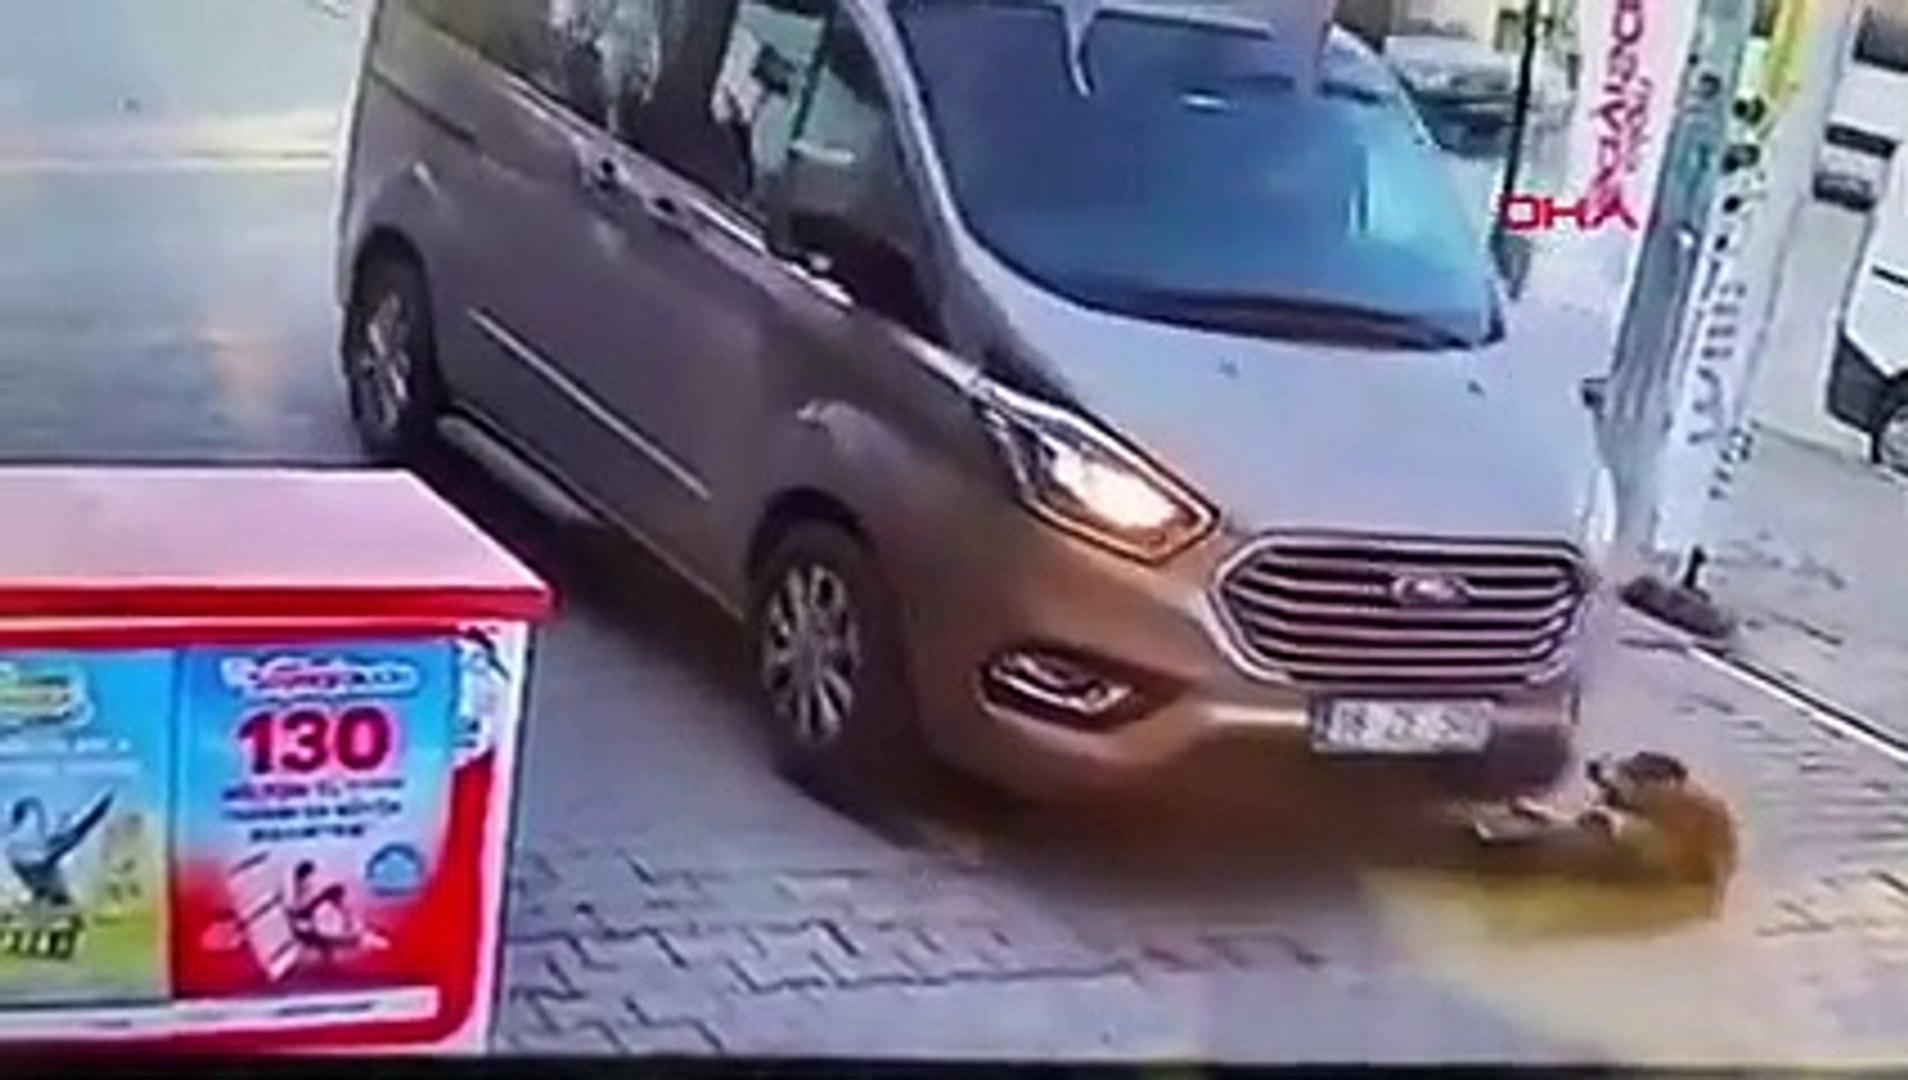 Tam anlamıyla vicdansızlık! Aracıyla köpeği ezip kaçtı